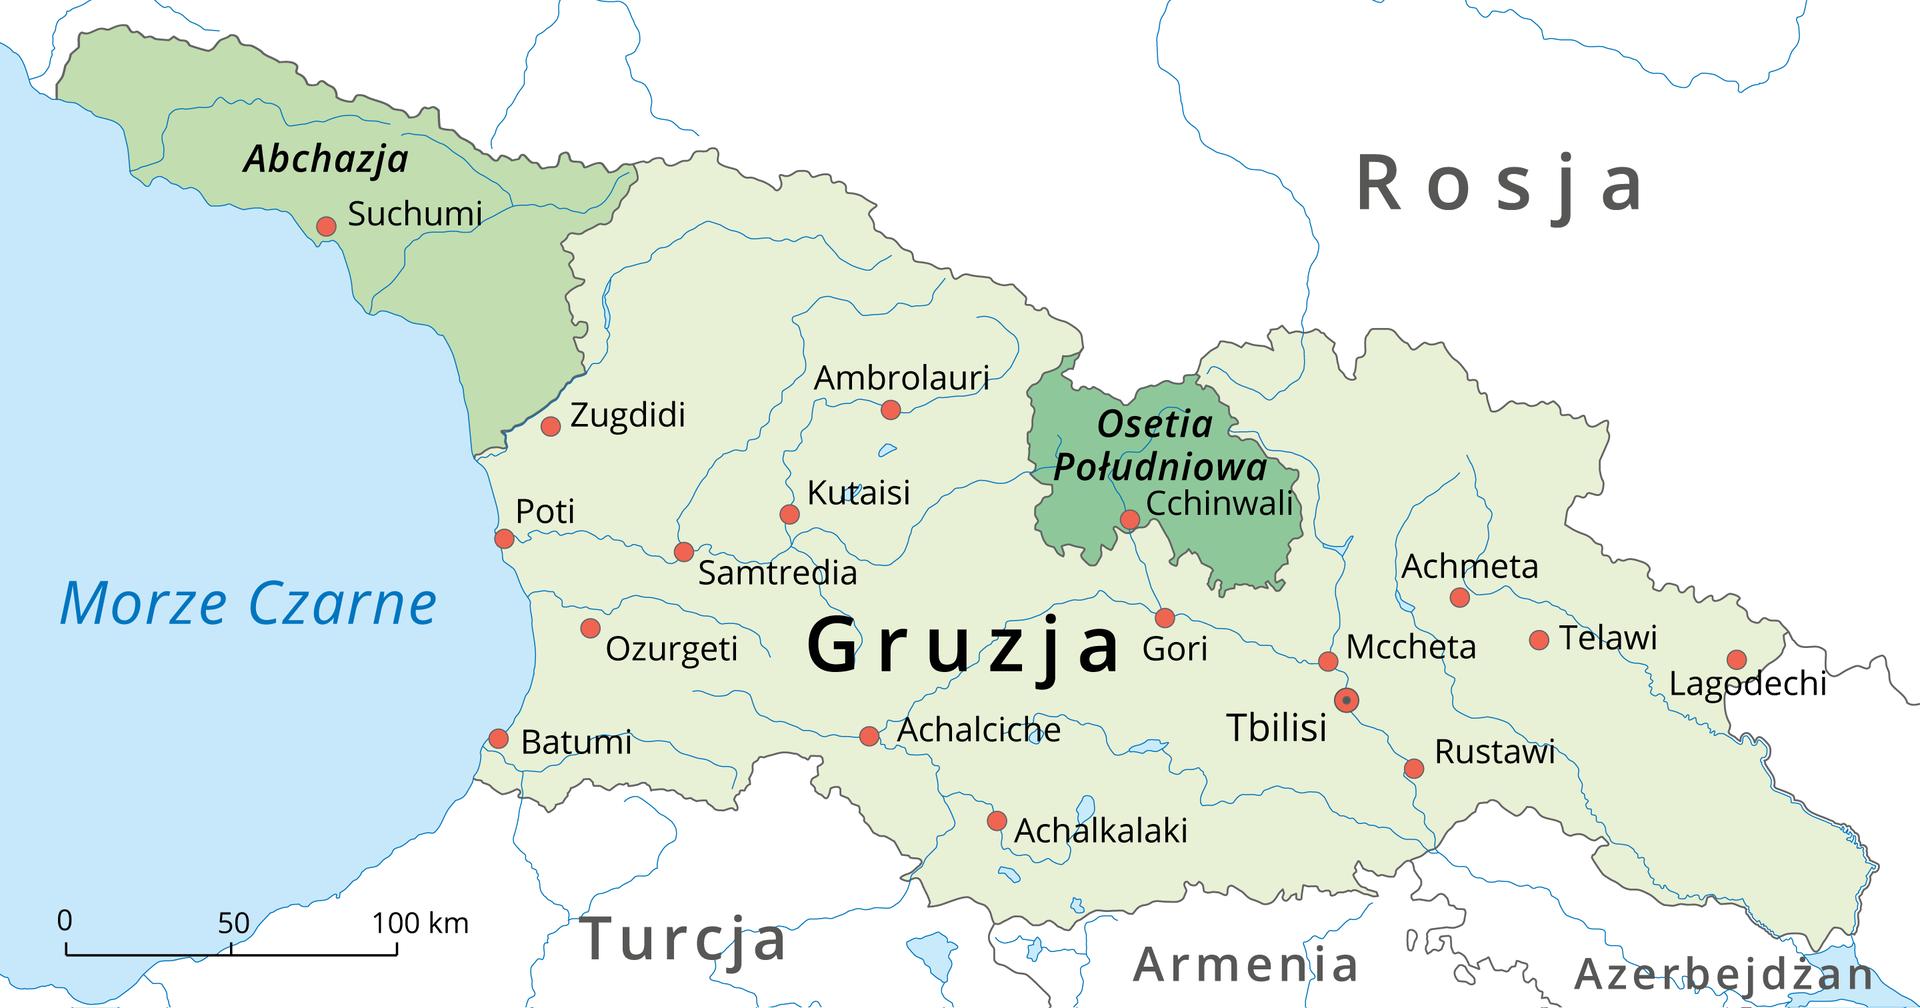 Na ilustracji mapa polityczna. Abchazja iPołudniowa Osetia na terytorium Gruzji. Państwa te wydzielone kolorem ciemniejszym zielonym wobrębie jasnozielonej Gruzji. Gruzja graniczy na północy zRosją, na południu zTurcją, Armenią iAzerbejdżanem. Zlewej strony Morze Czarne, kolor niebieski.